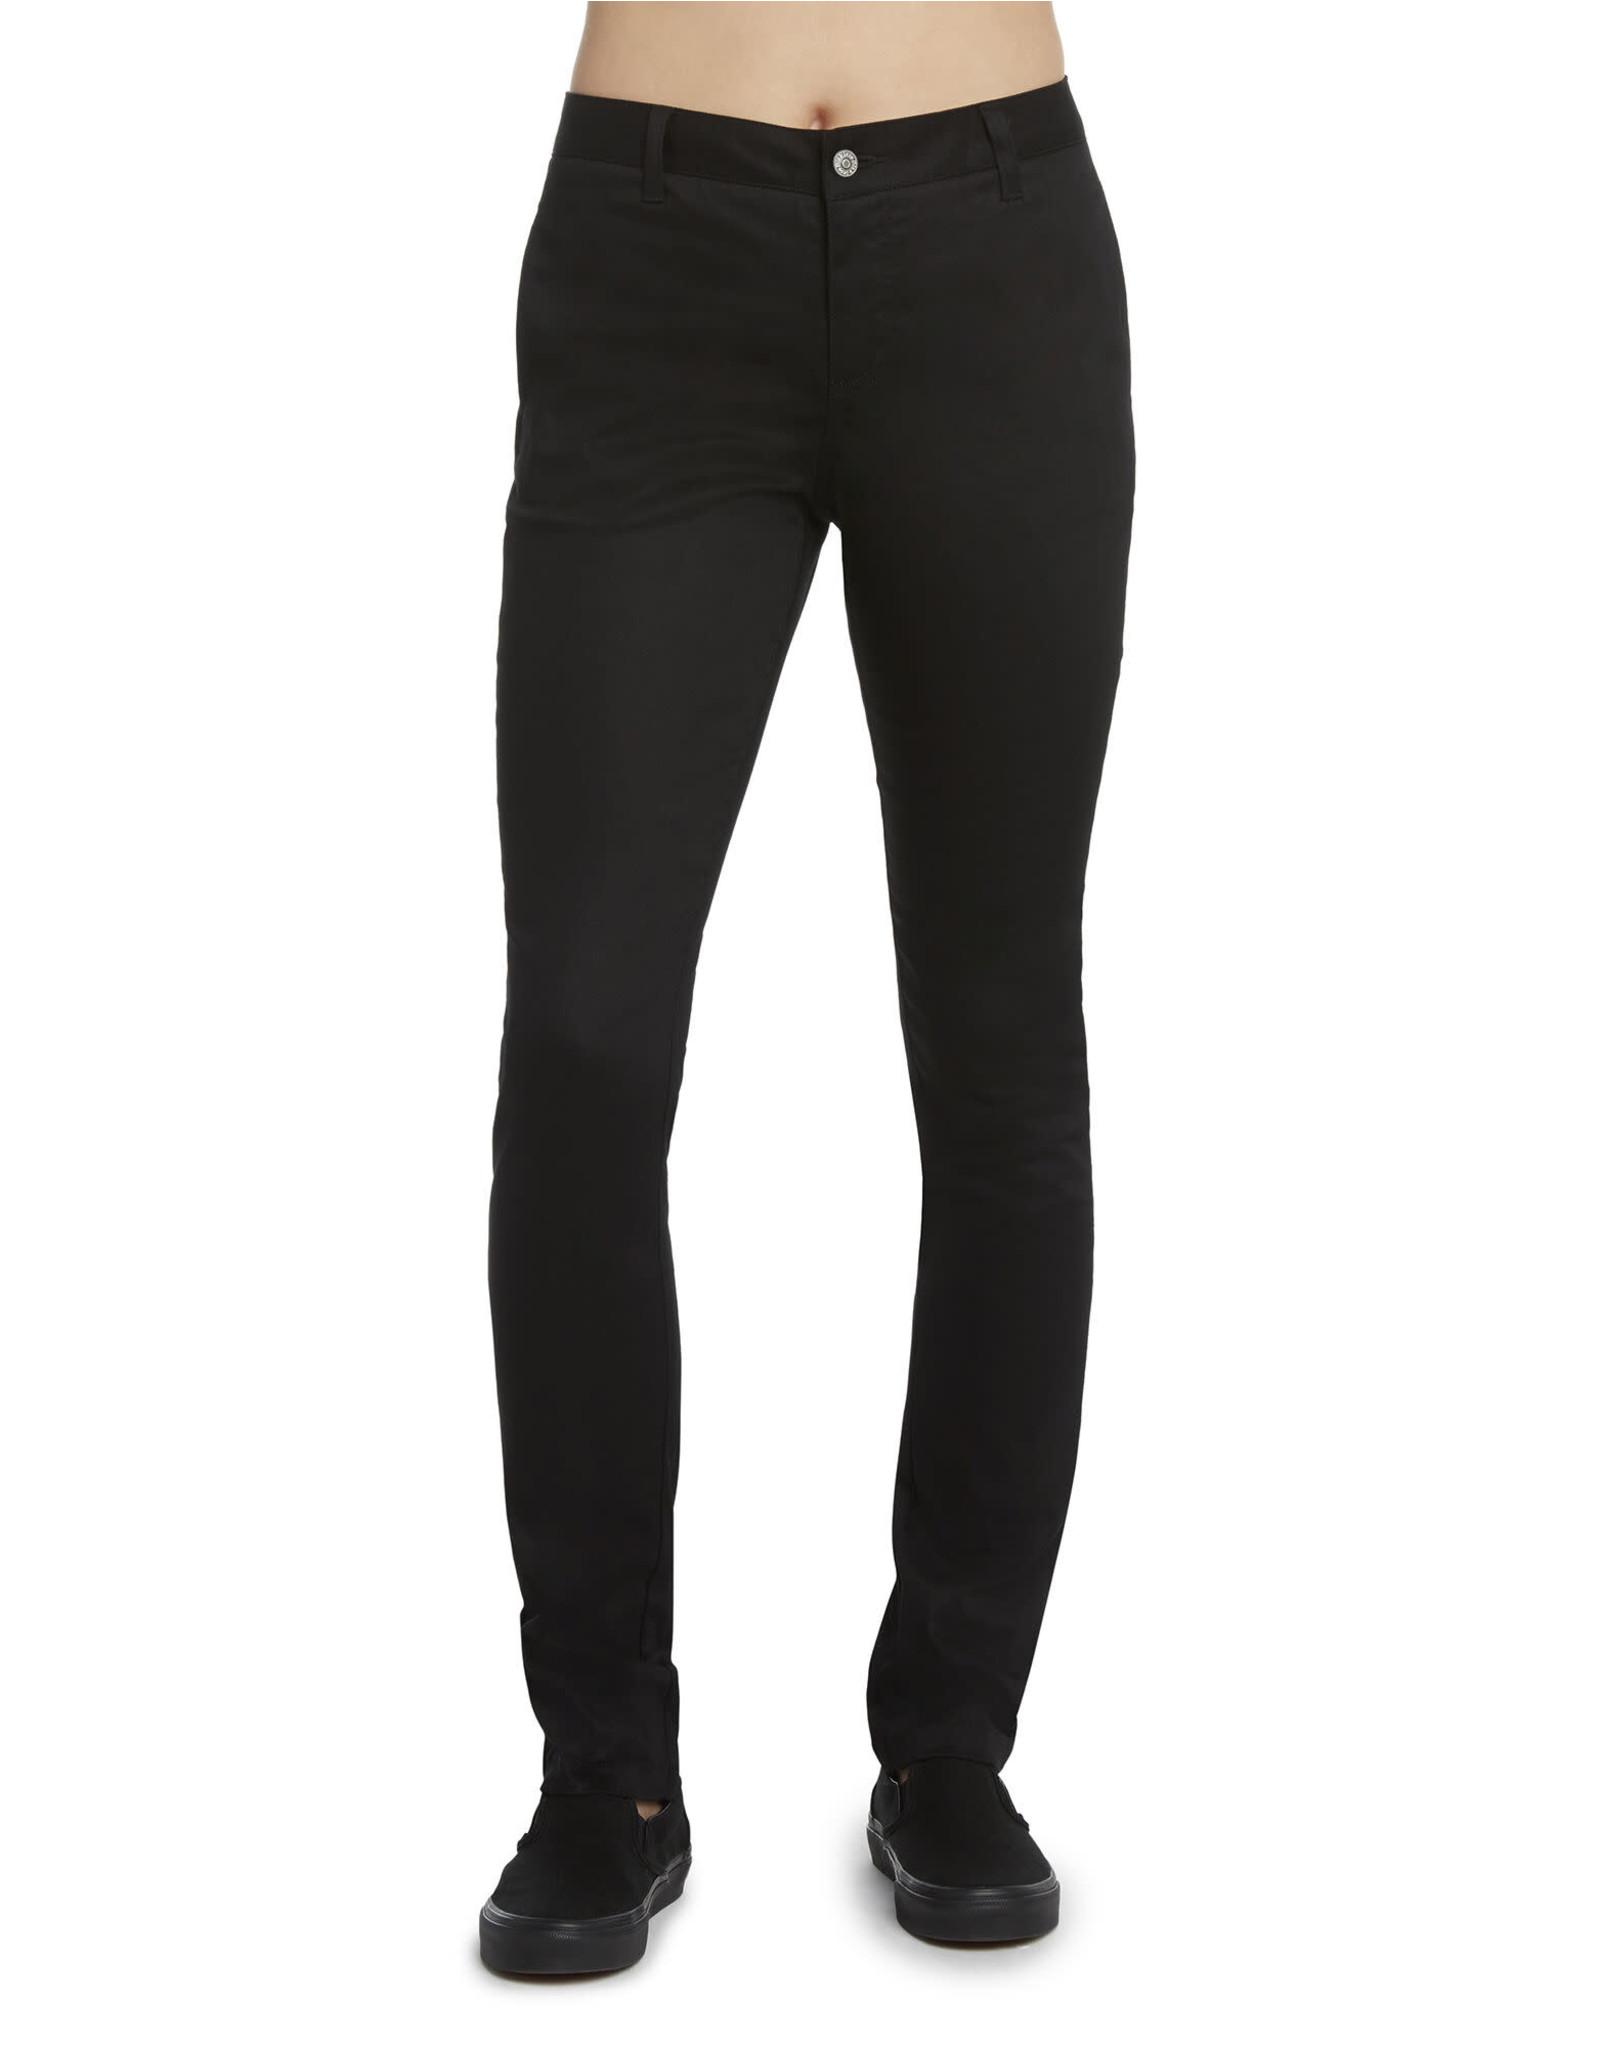 Dickies Girl 4 Pocket Skinny Pant HH874SK